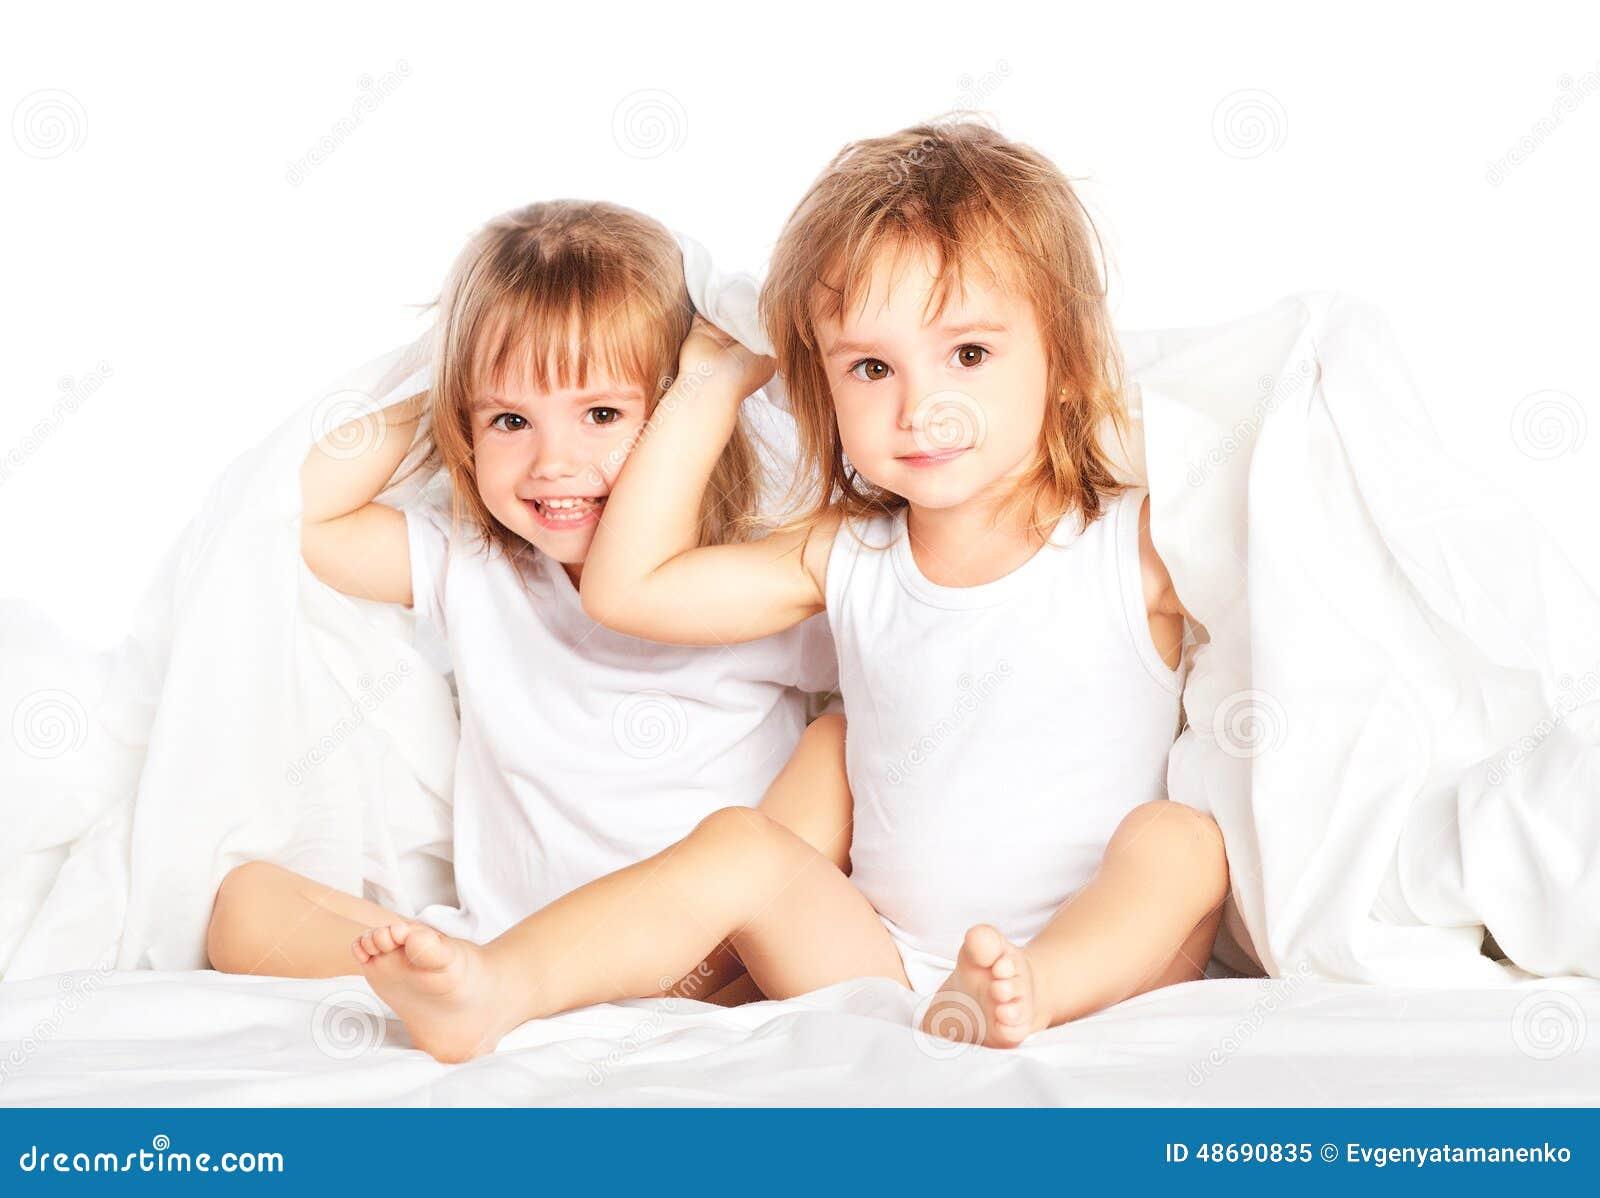 Сестры в постели 13 фотография